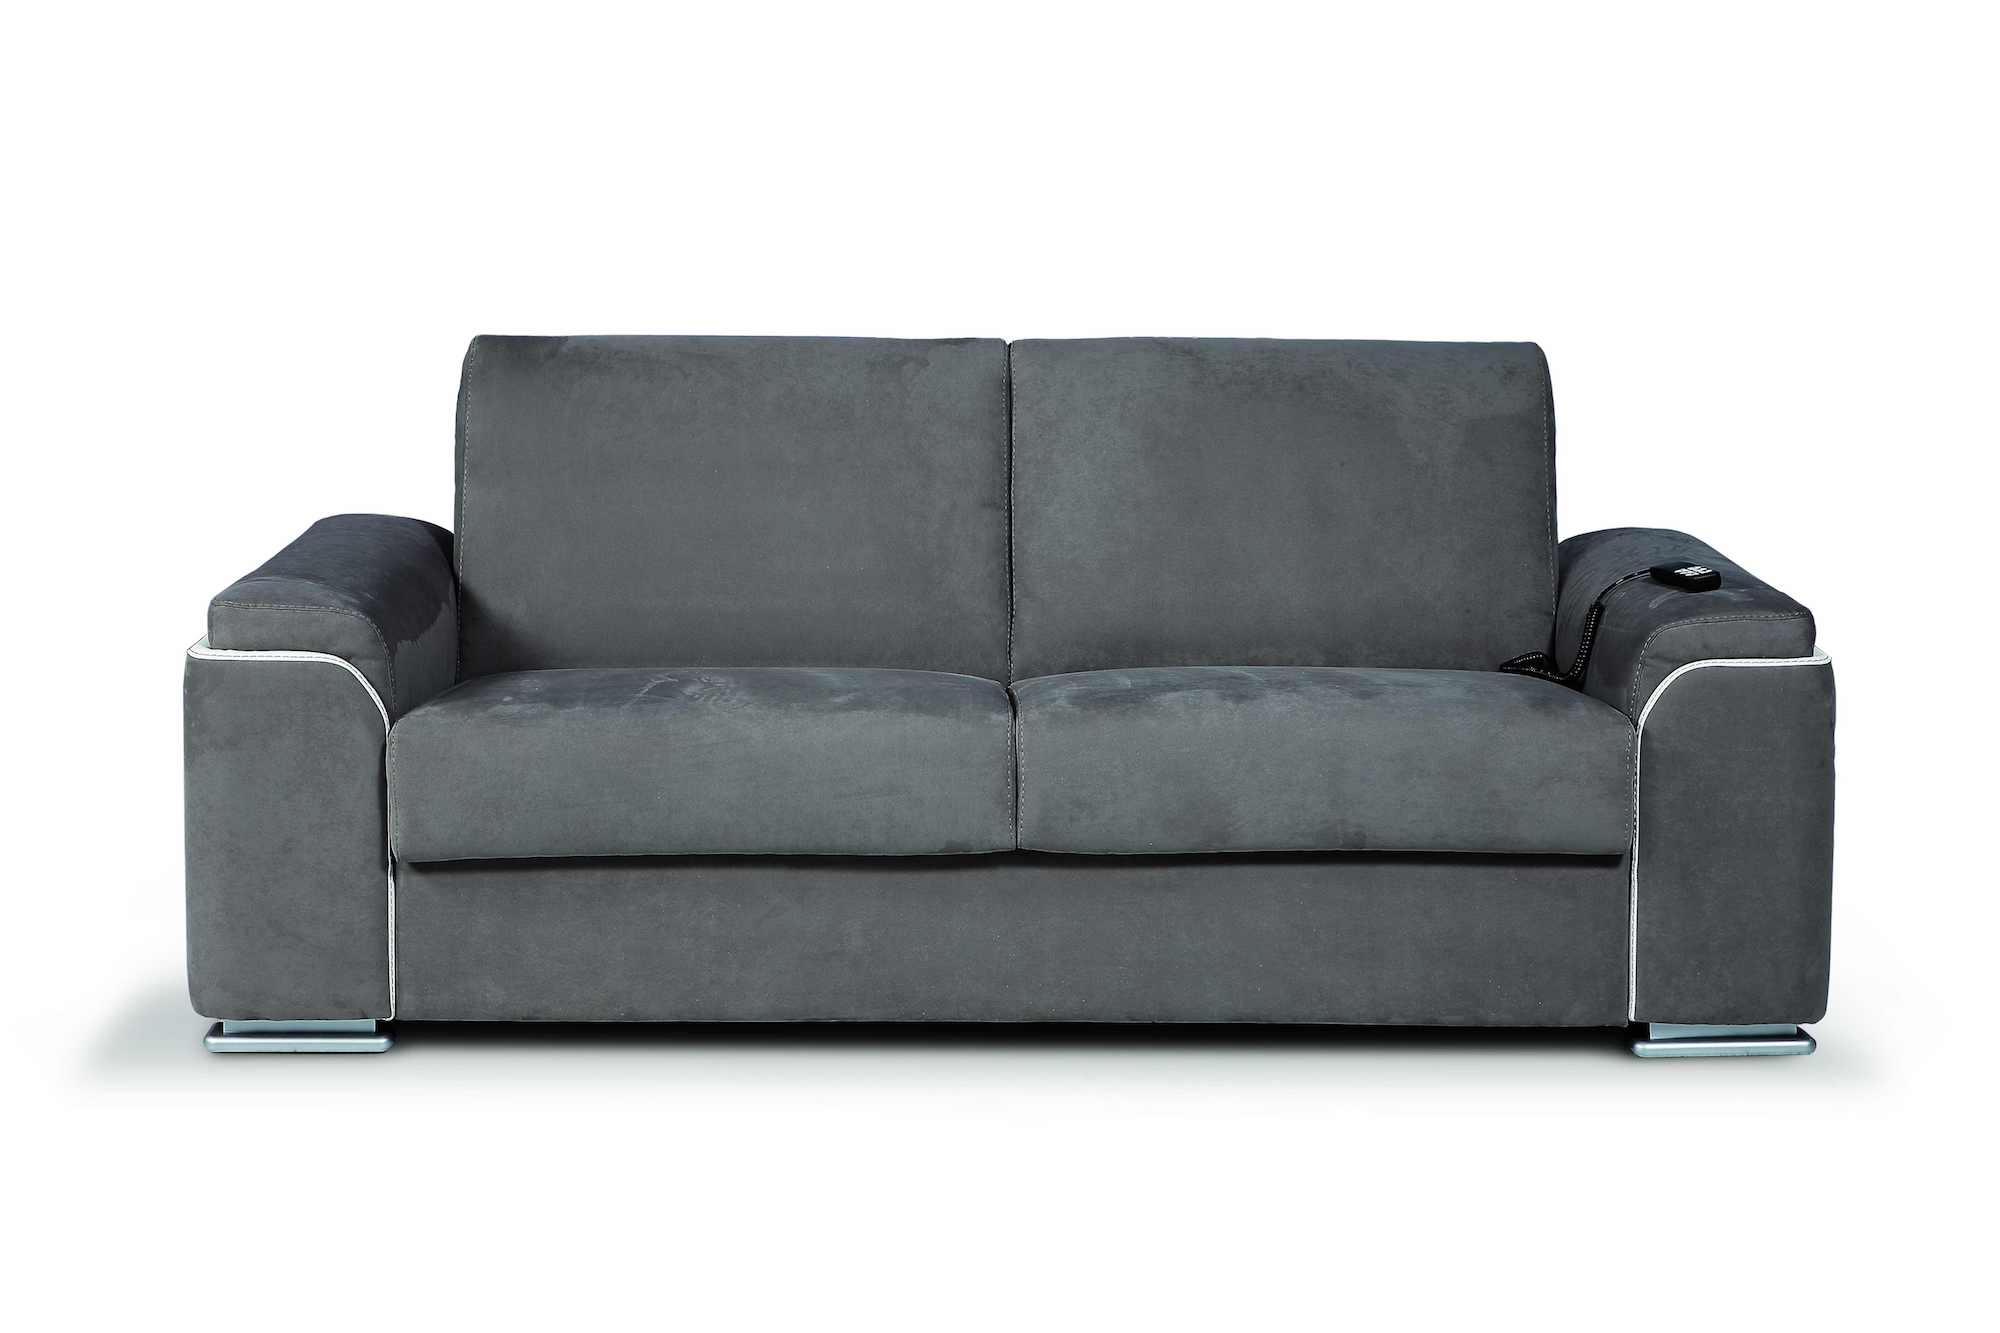 Marta cuborosso divani - Divano letto nuovarredo ...